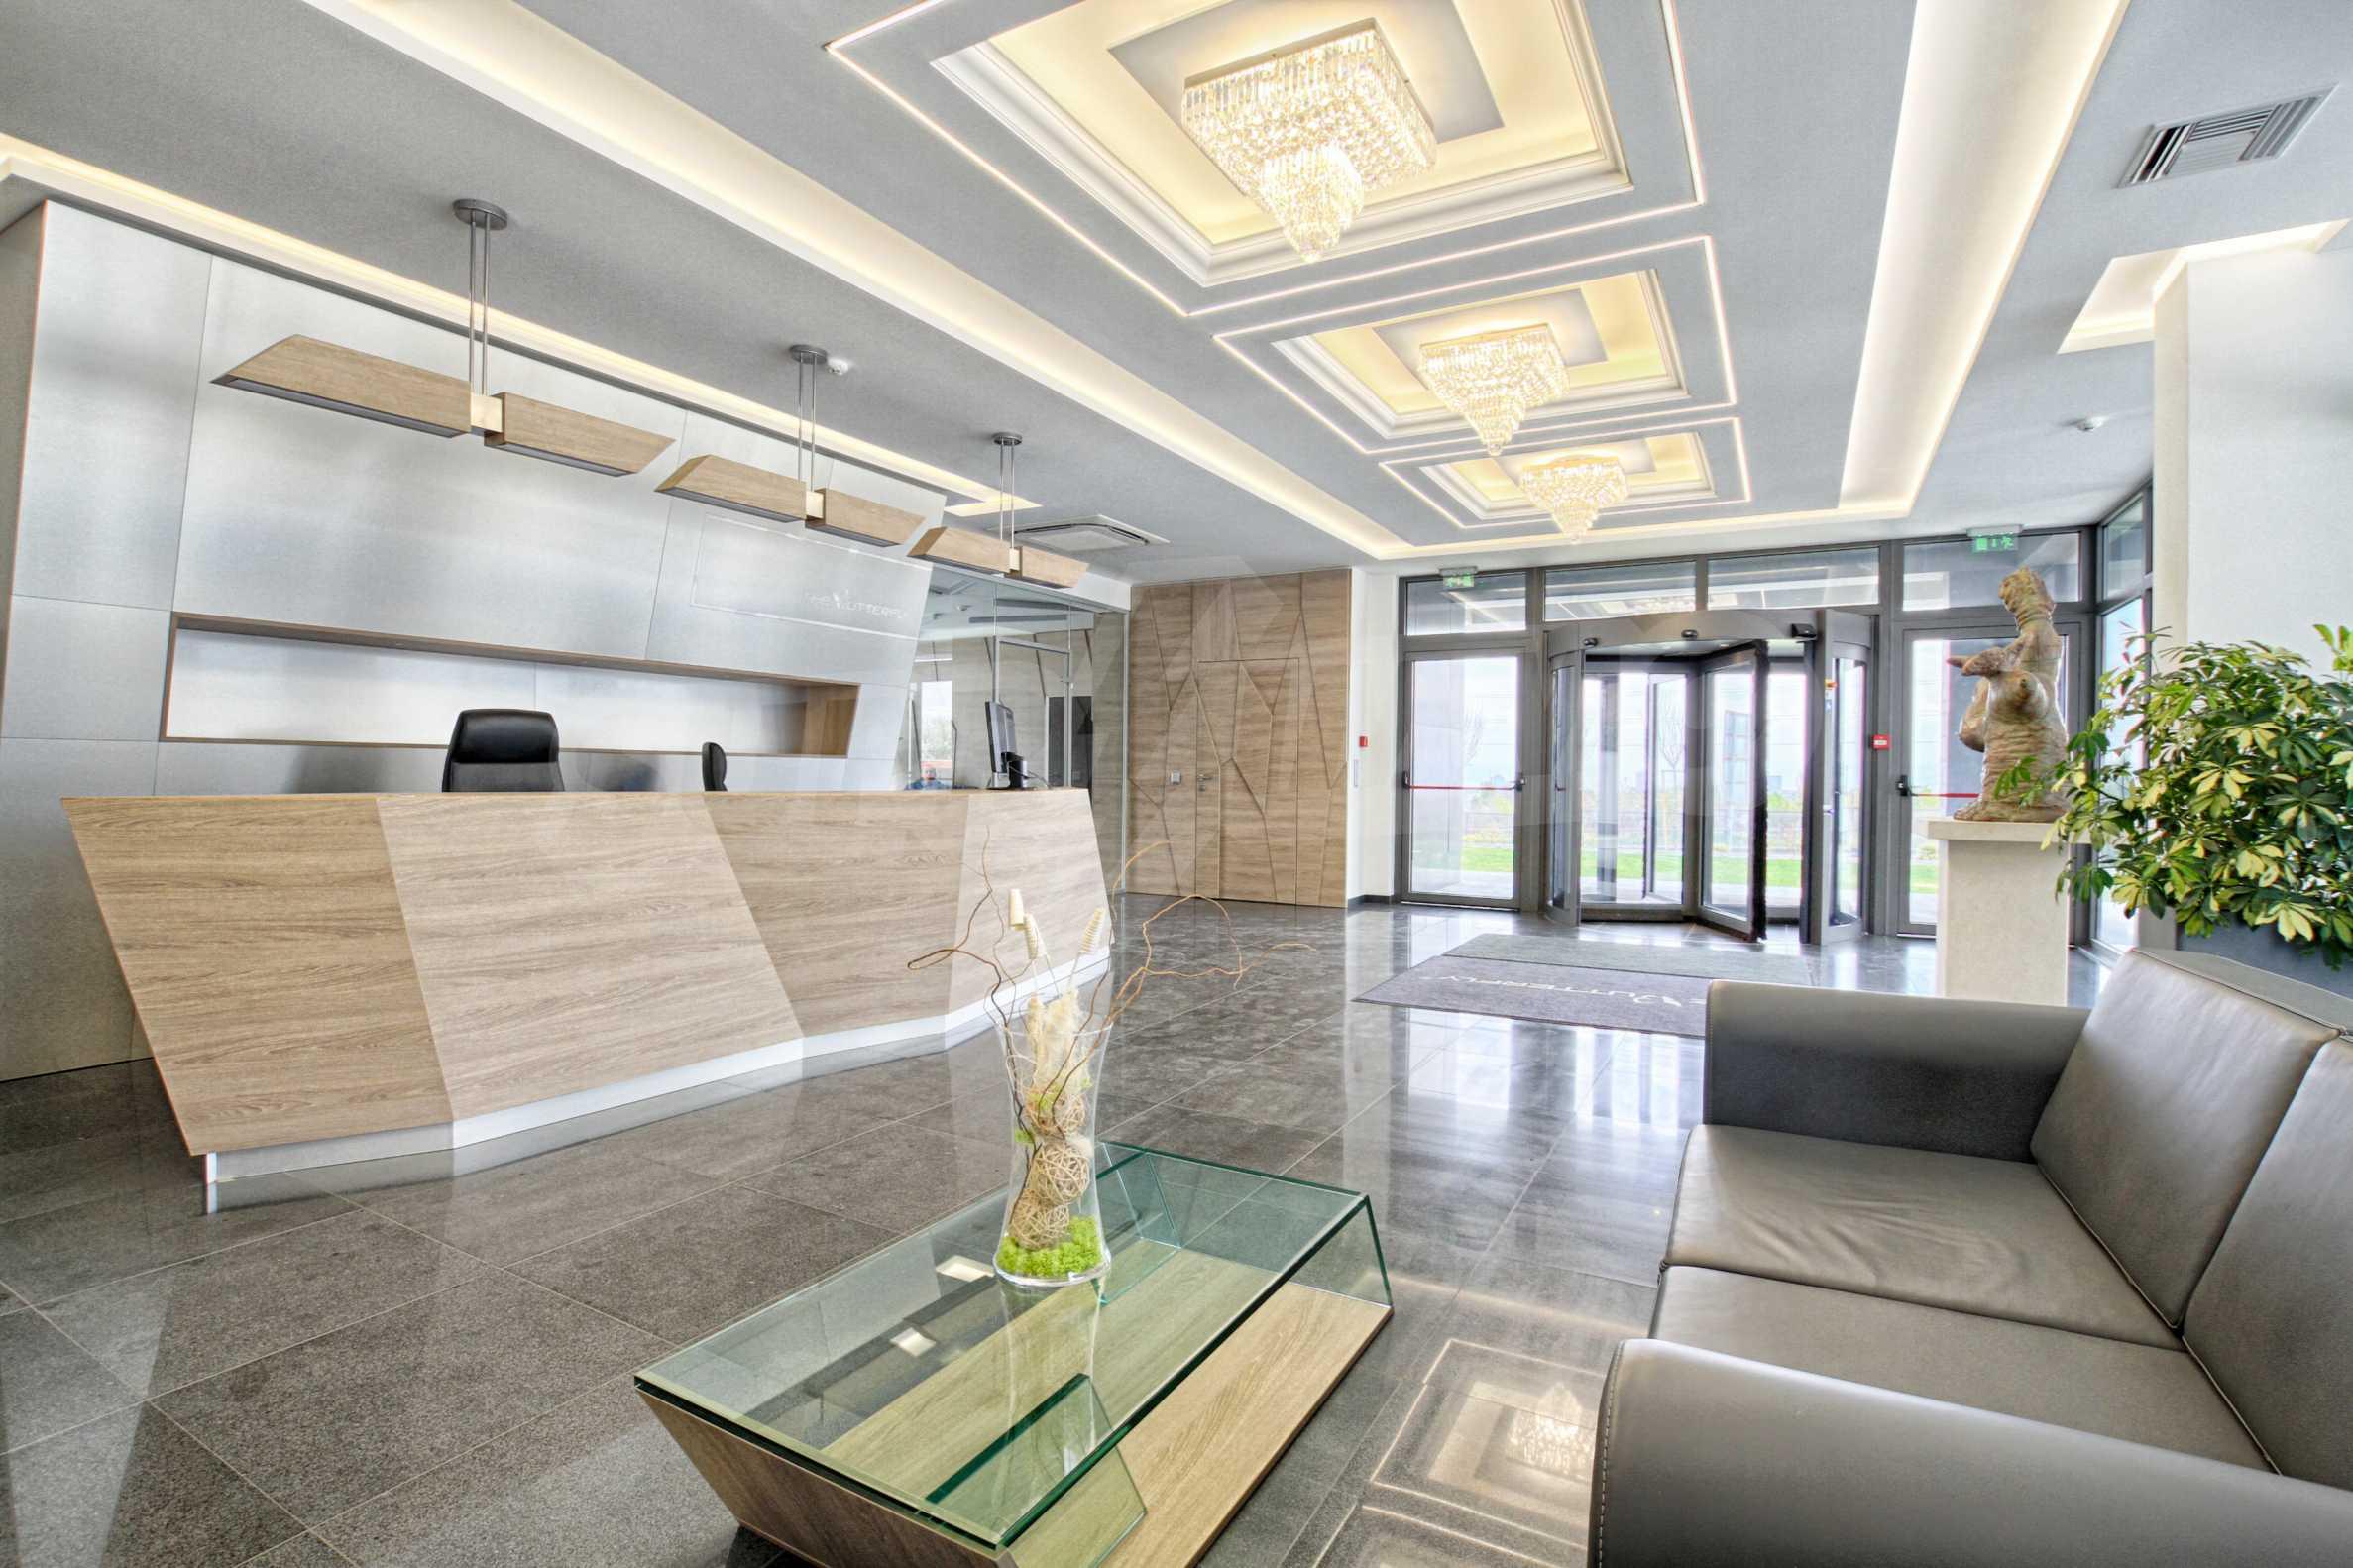 Просторен офис в представителна сграда на Околовръстен път 21